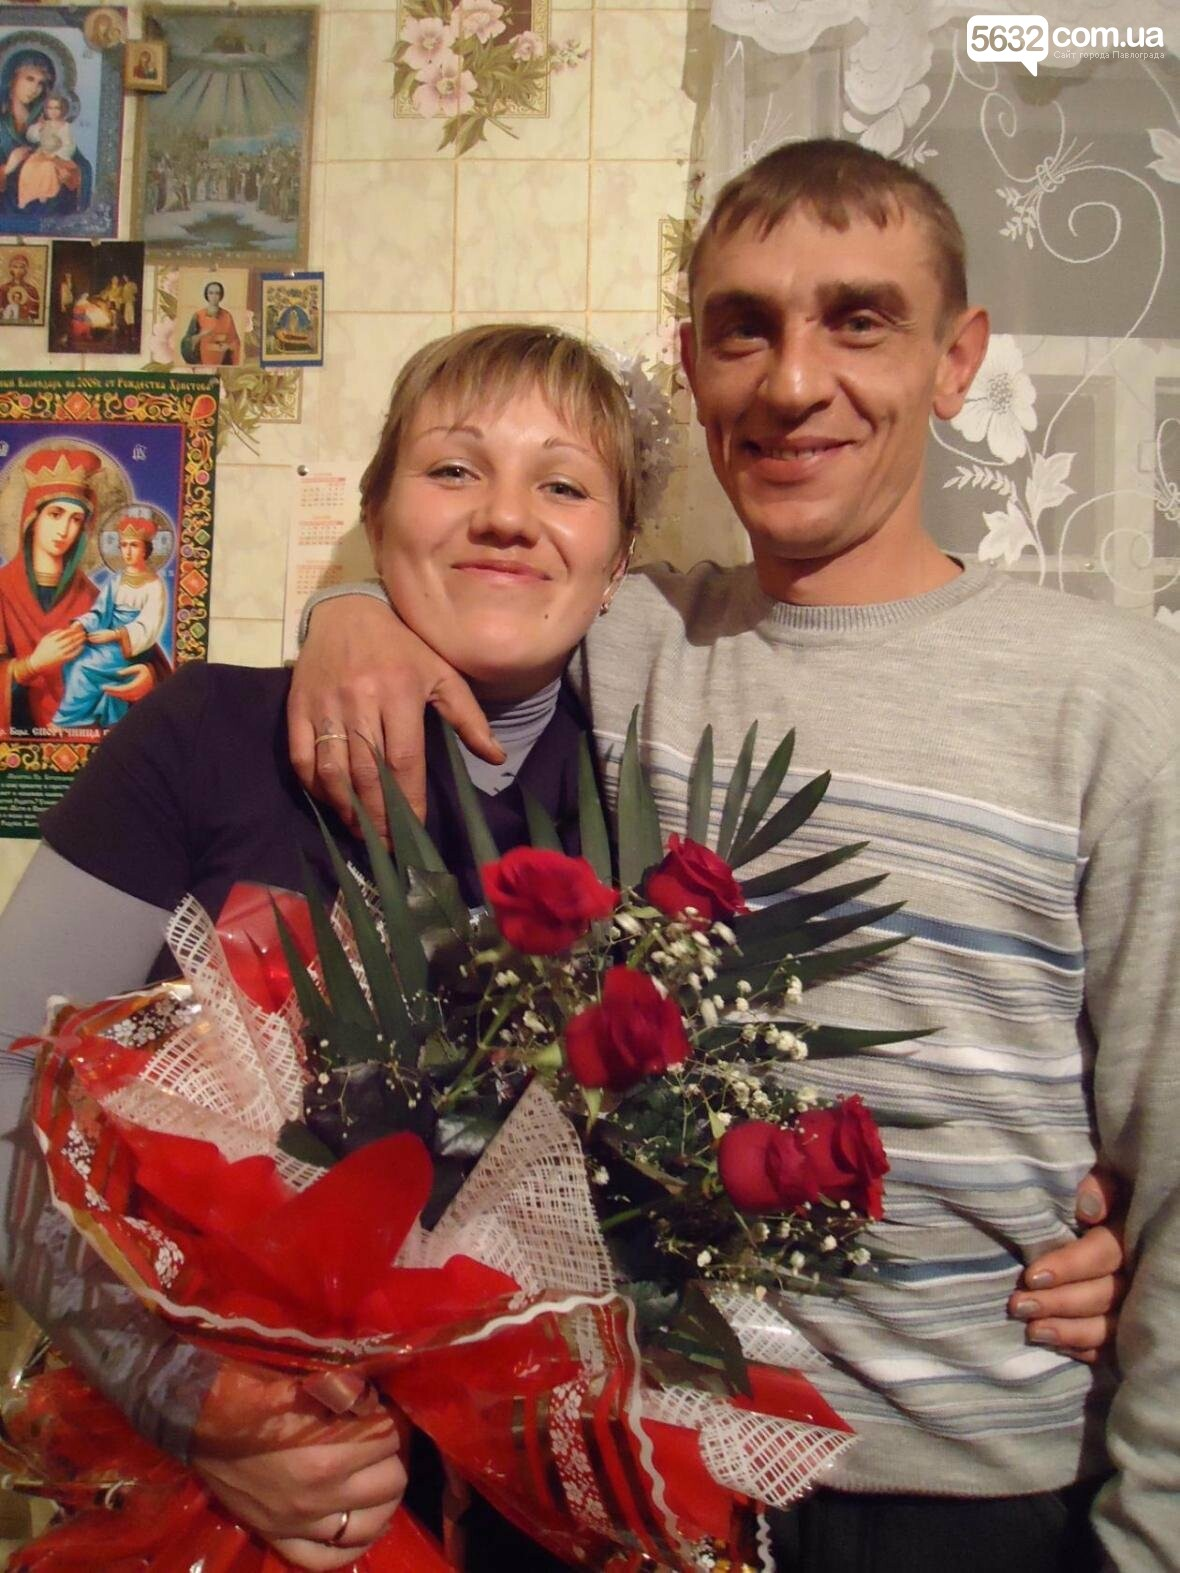 Жители Днепра разыскивают в Павлограде пропавшего родственника, фото-1